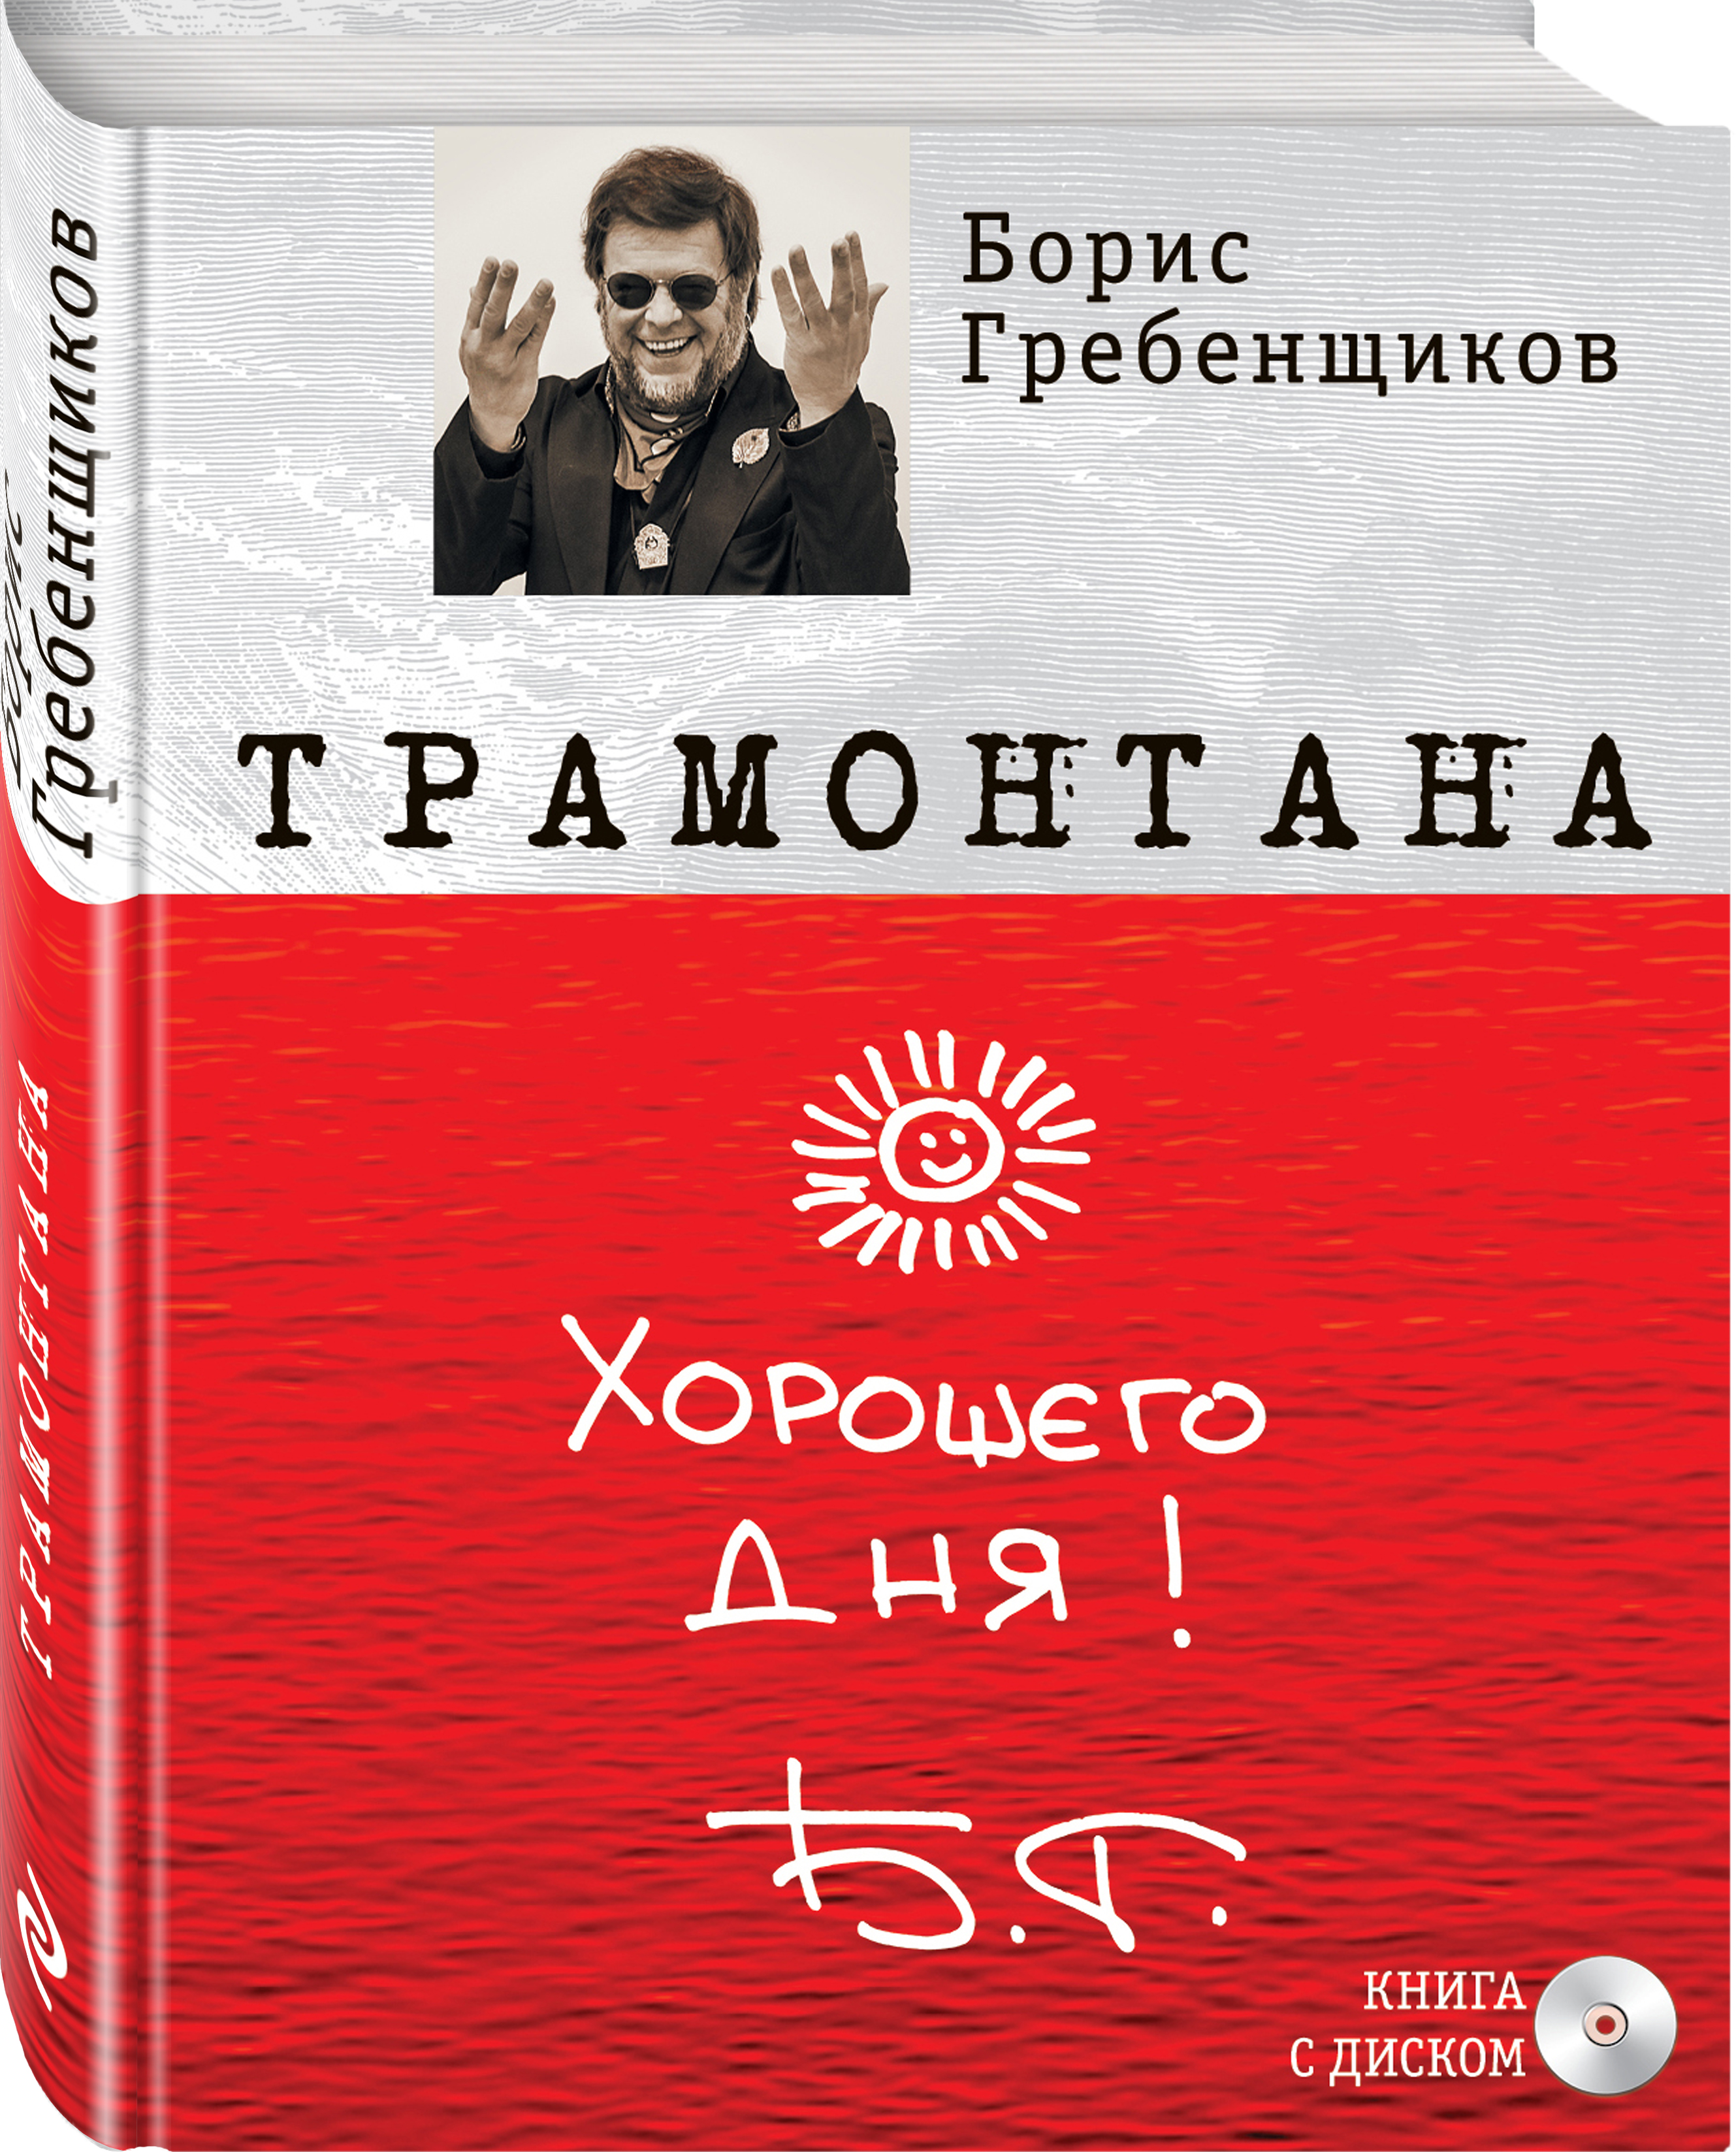 Гребенщиков Б.Б. Книга «Трамонтана» с оригинальным автографом Бориса Гребенщикова на полусупере + CD «The best ХХI »